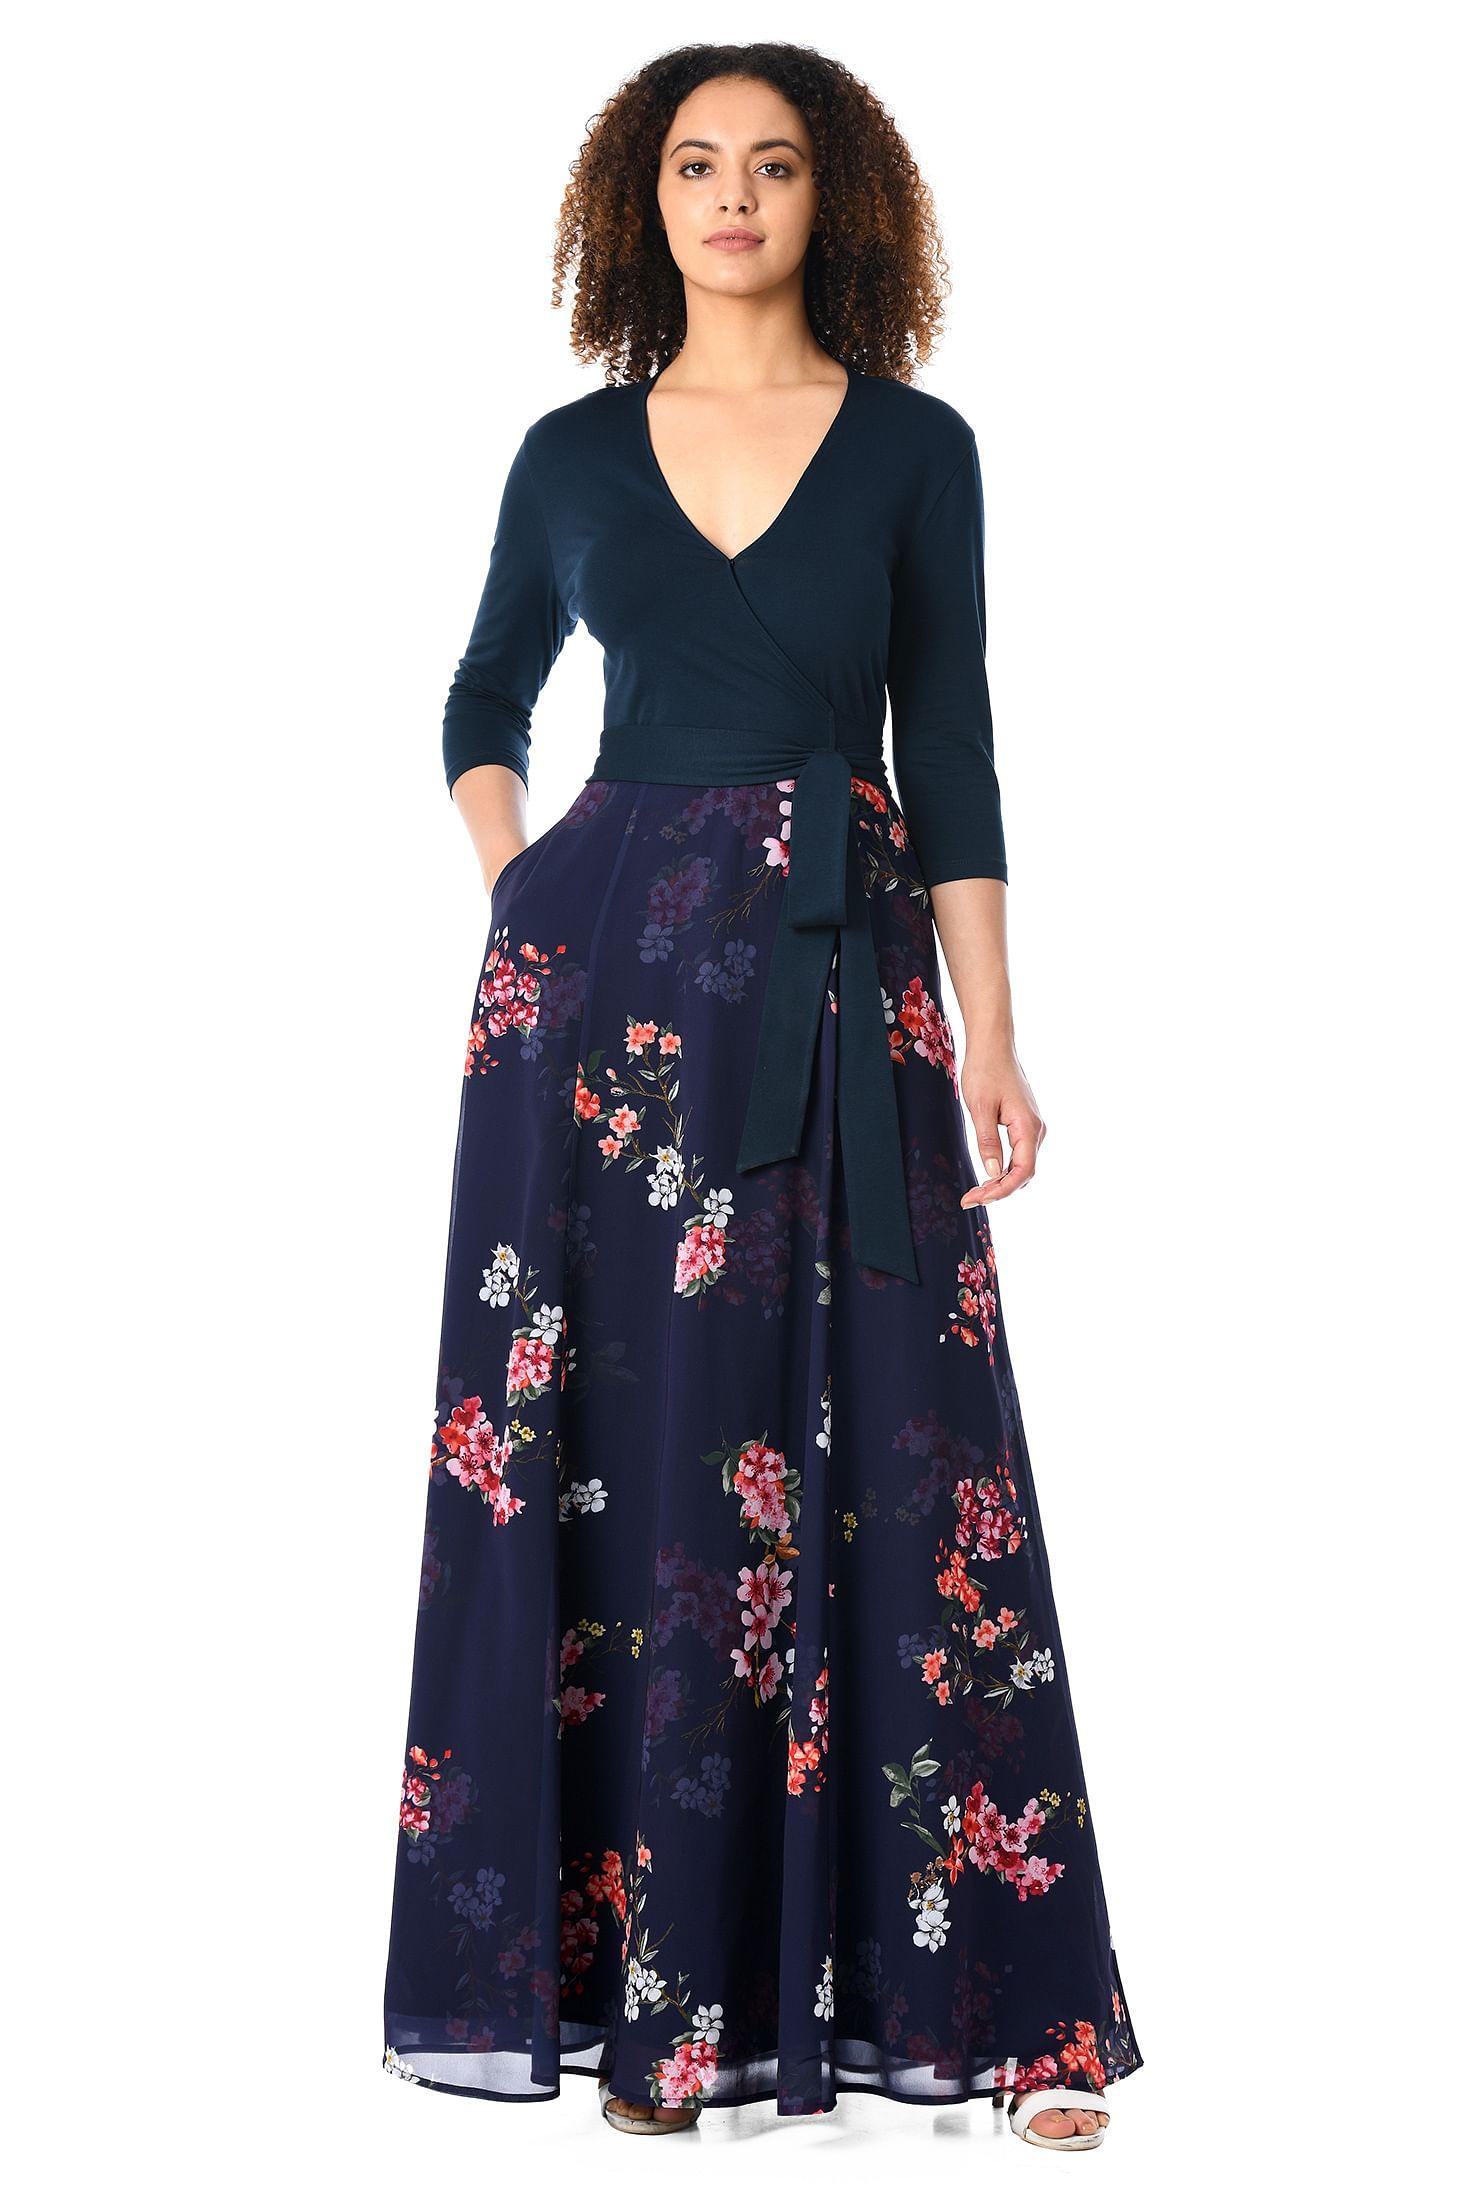 4d3ea7317c7c below the elbow Sleeve Dresses, cotton/spandex Dresses, day dresses, faux